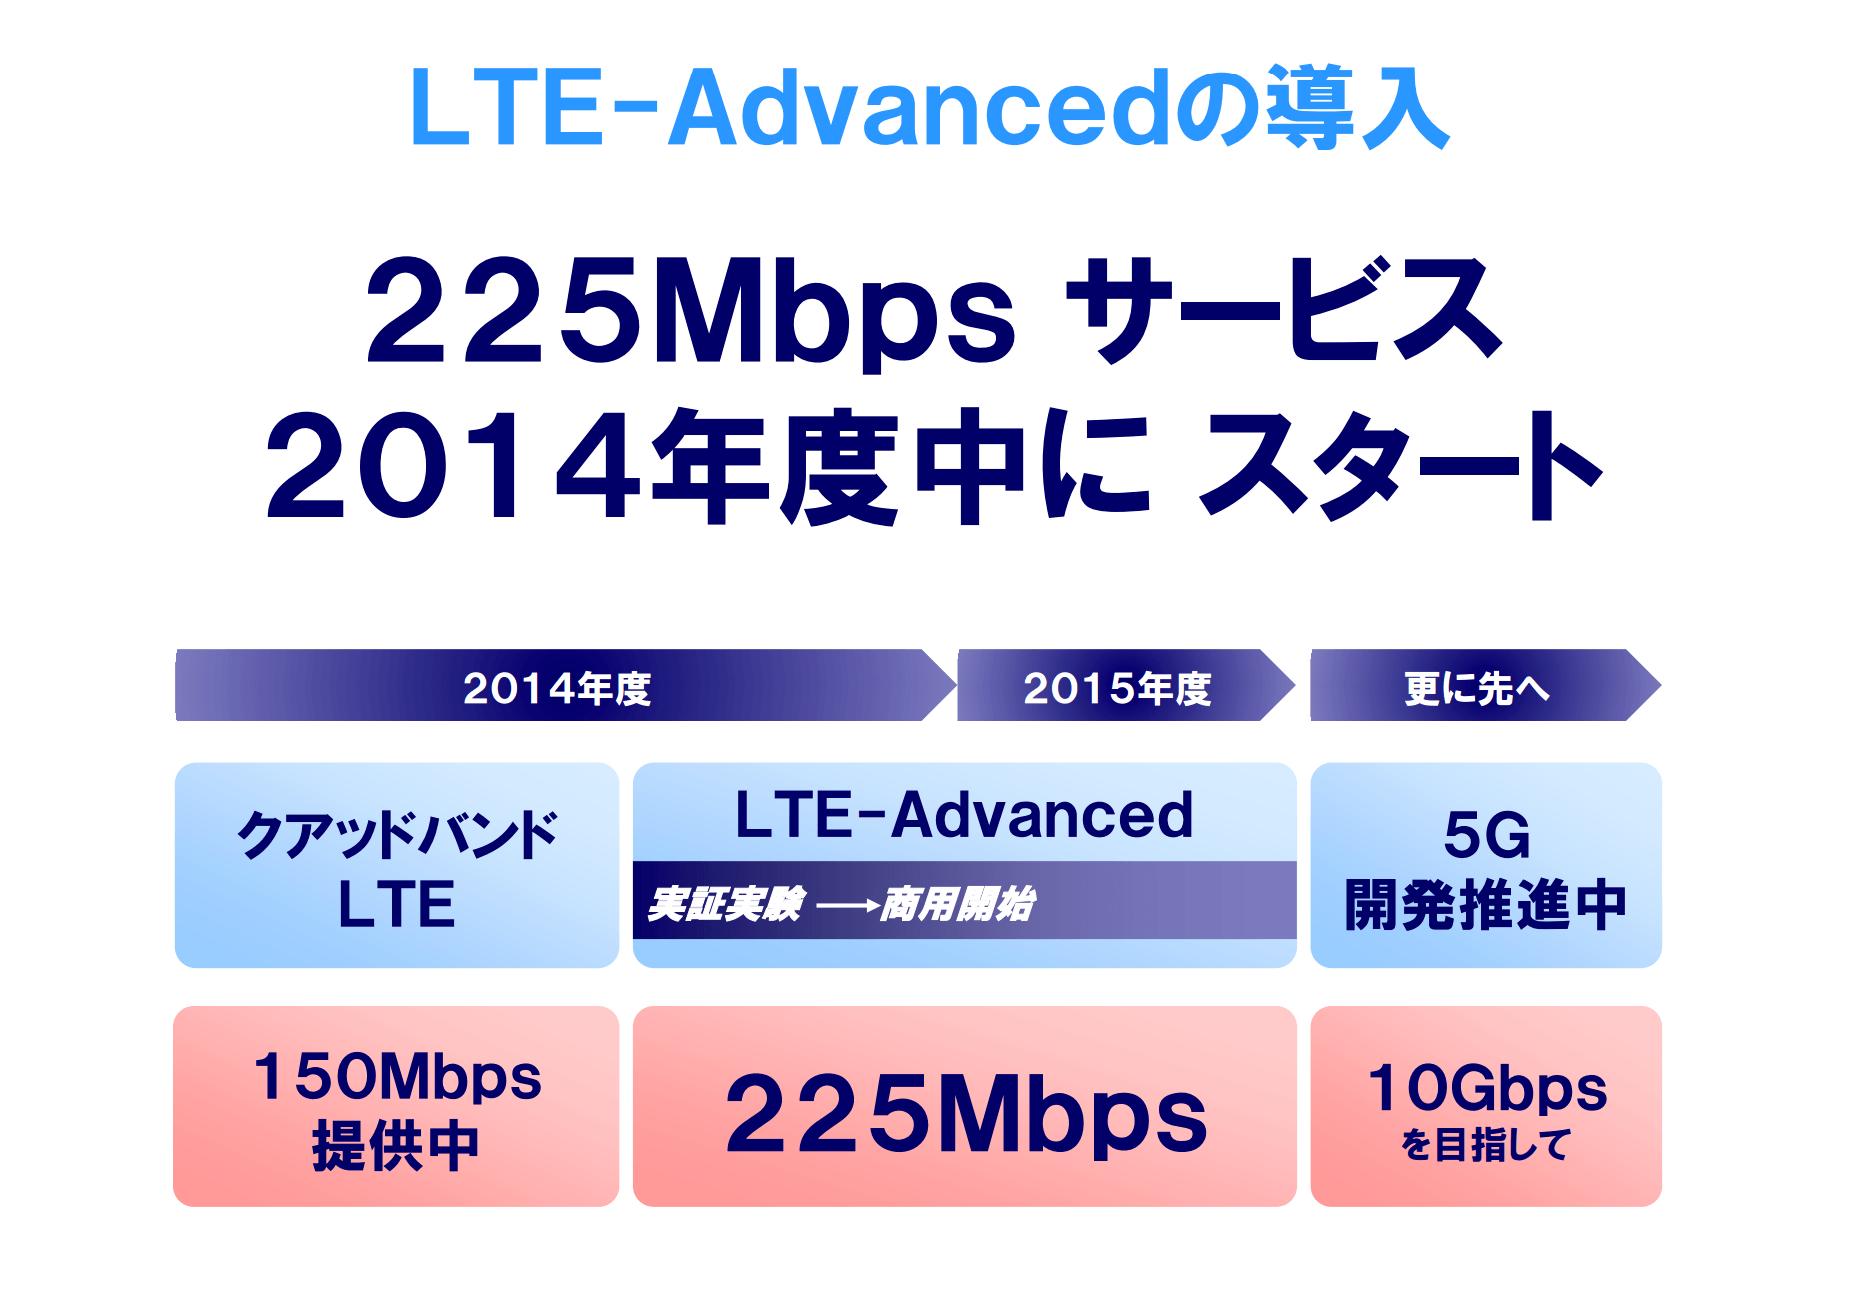 ドコモ、下り225Mbpsの「LTE-Advaced」を2014年度中に提供へ